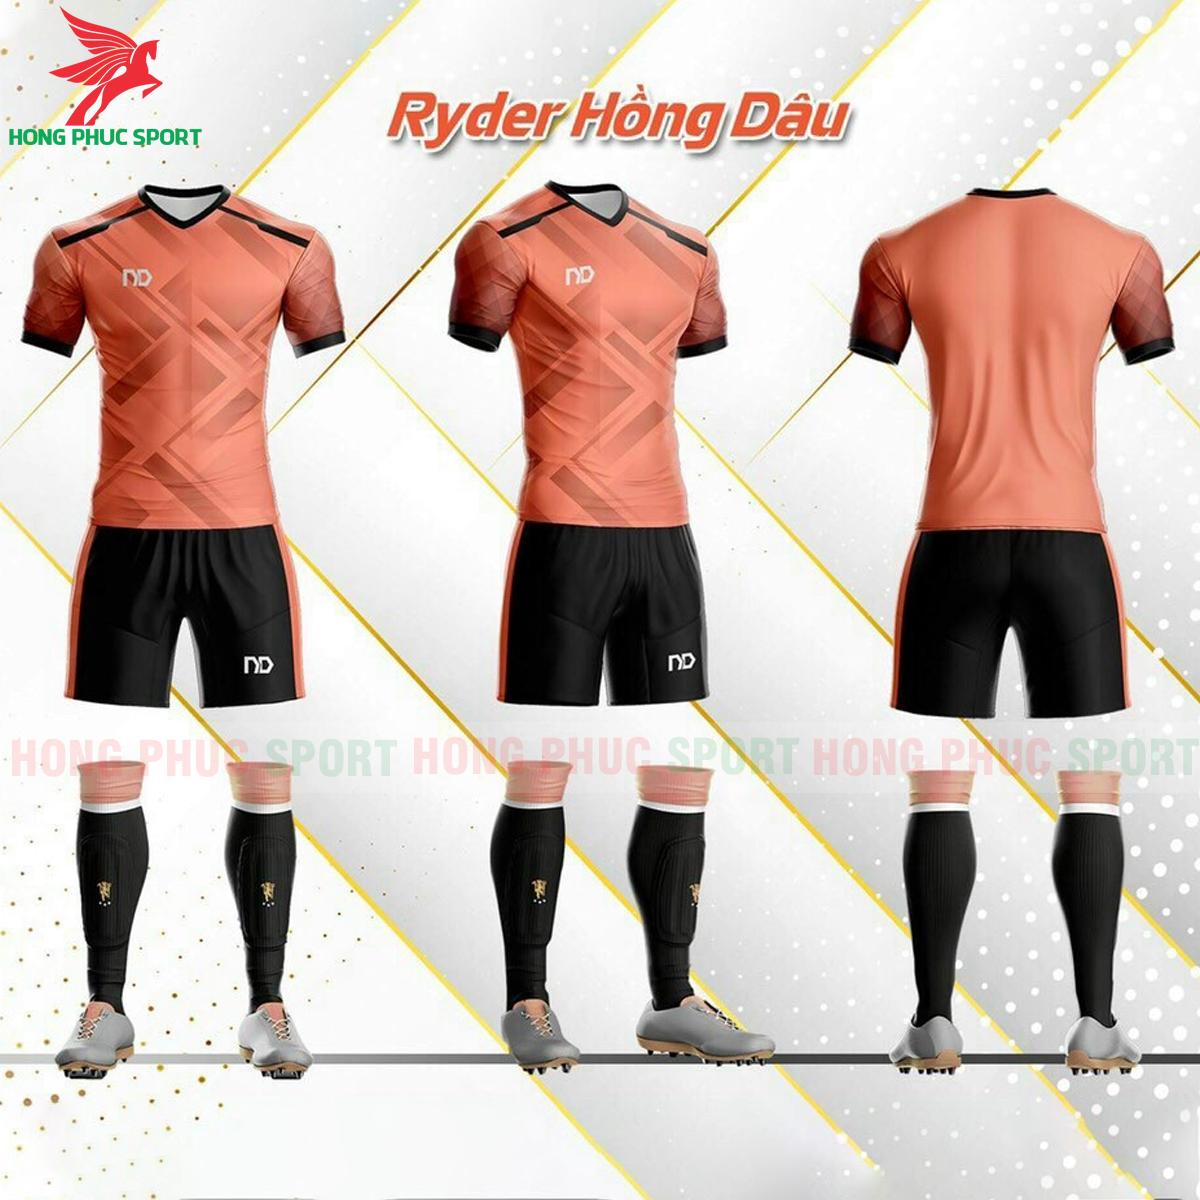 Áo đá banh không logo ND Ryder2021 màu Hồng dâu